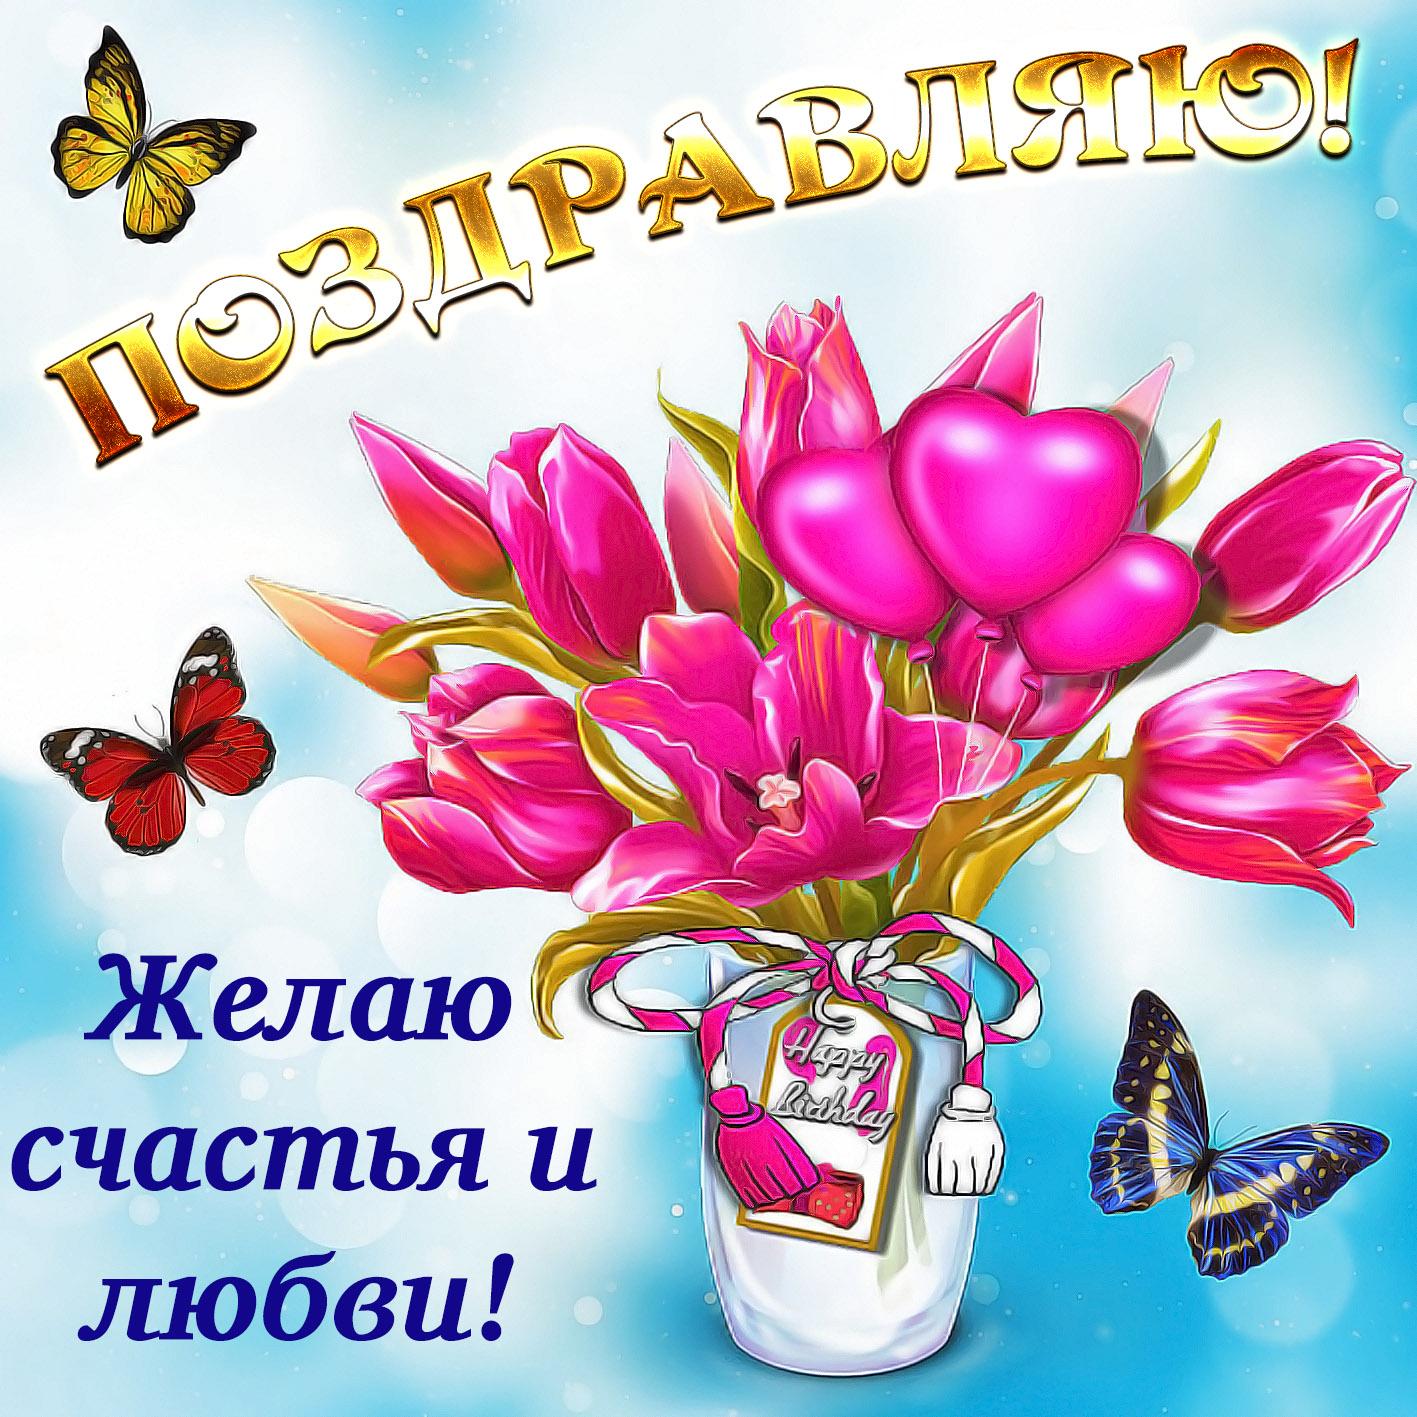 Открытка на День рождения - красивый букет тюльпанов для девушки